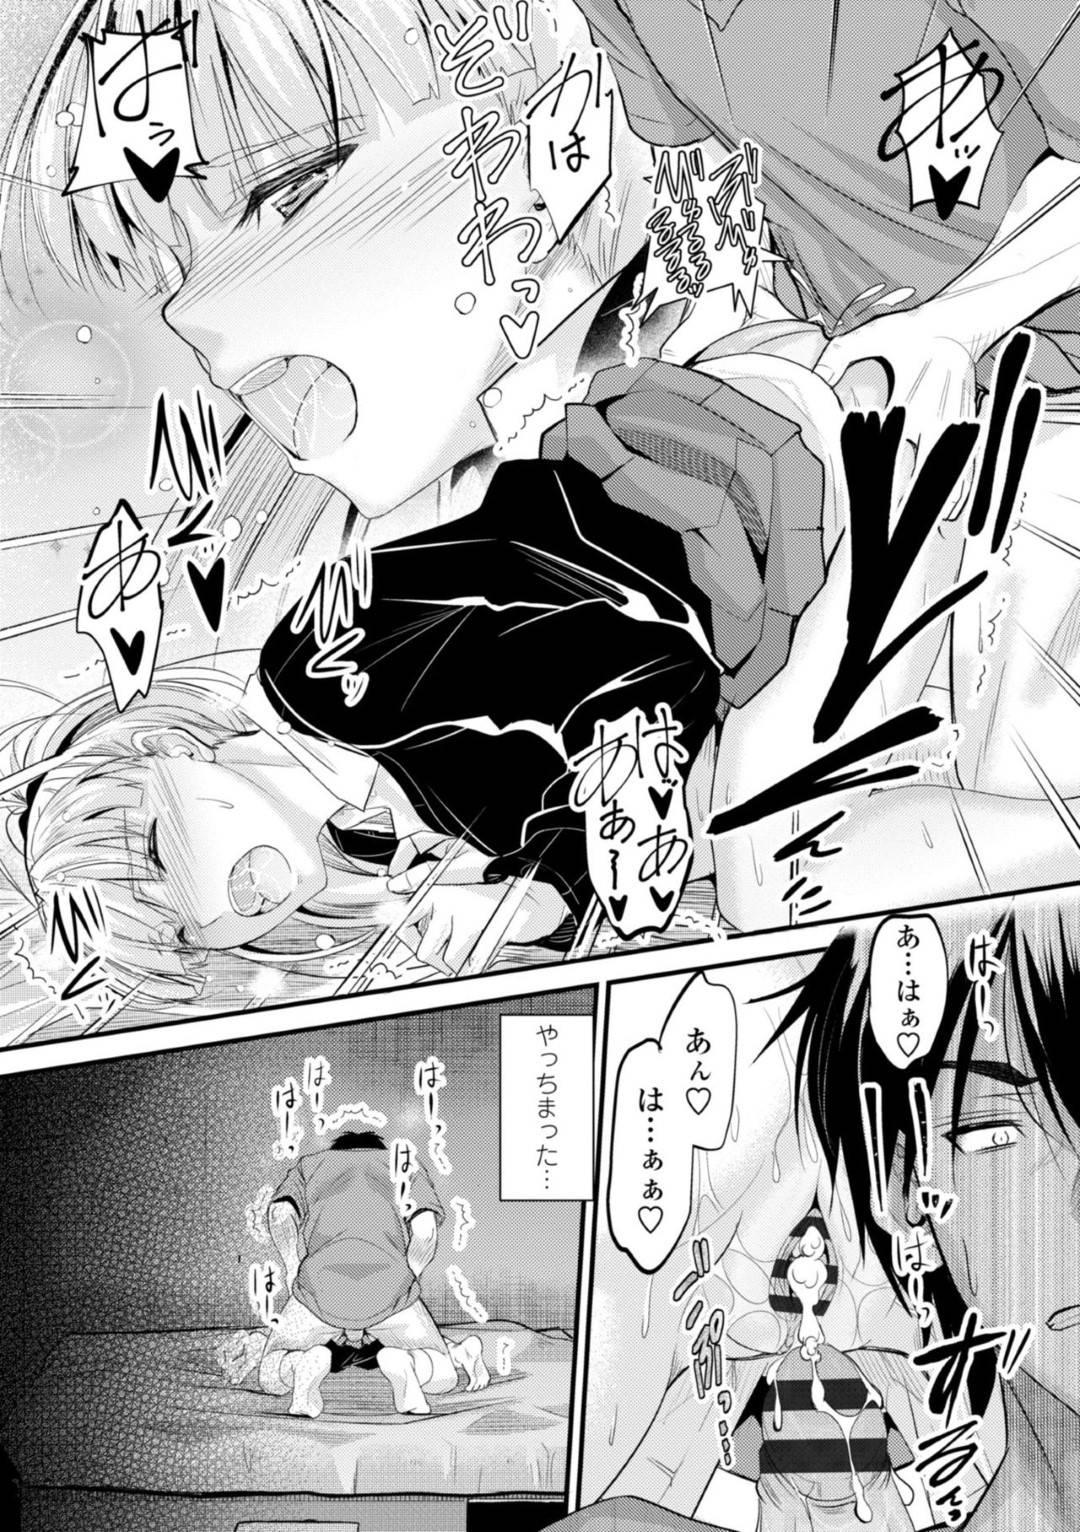 【エロ漫画】エッチな事を担任教師に誘惑する不良JK…しびれを切らした彼に押し倒されてしまった彼女はされるがままにクンニされてそのままバックや正常位で着衣セックス!【睦月:居座りstudent4】